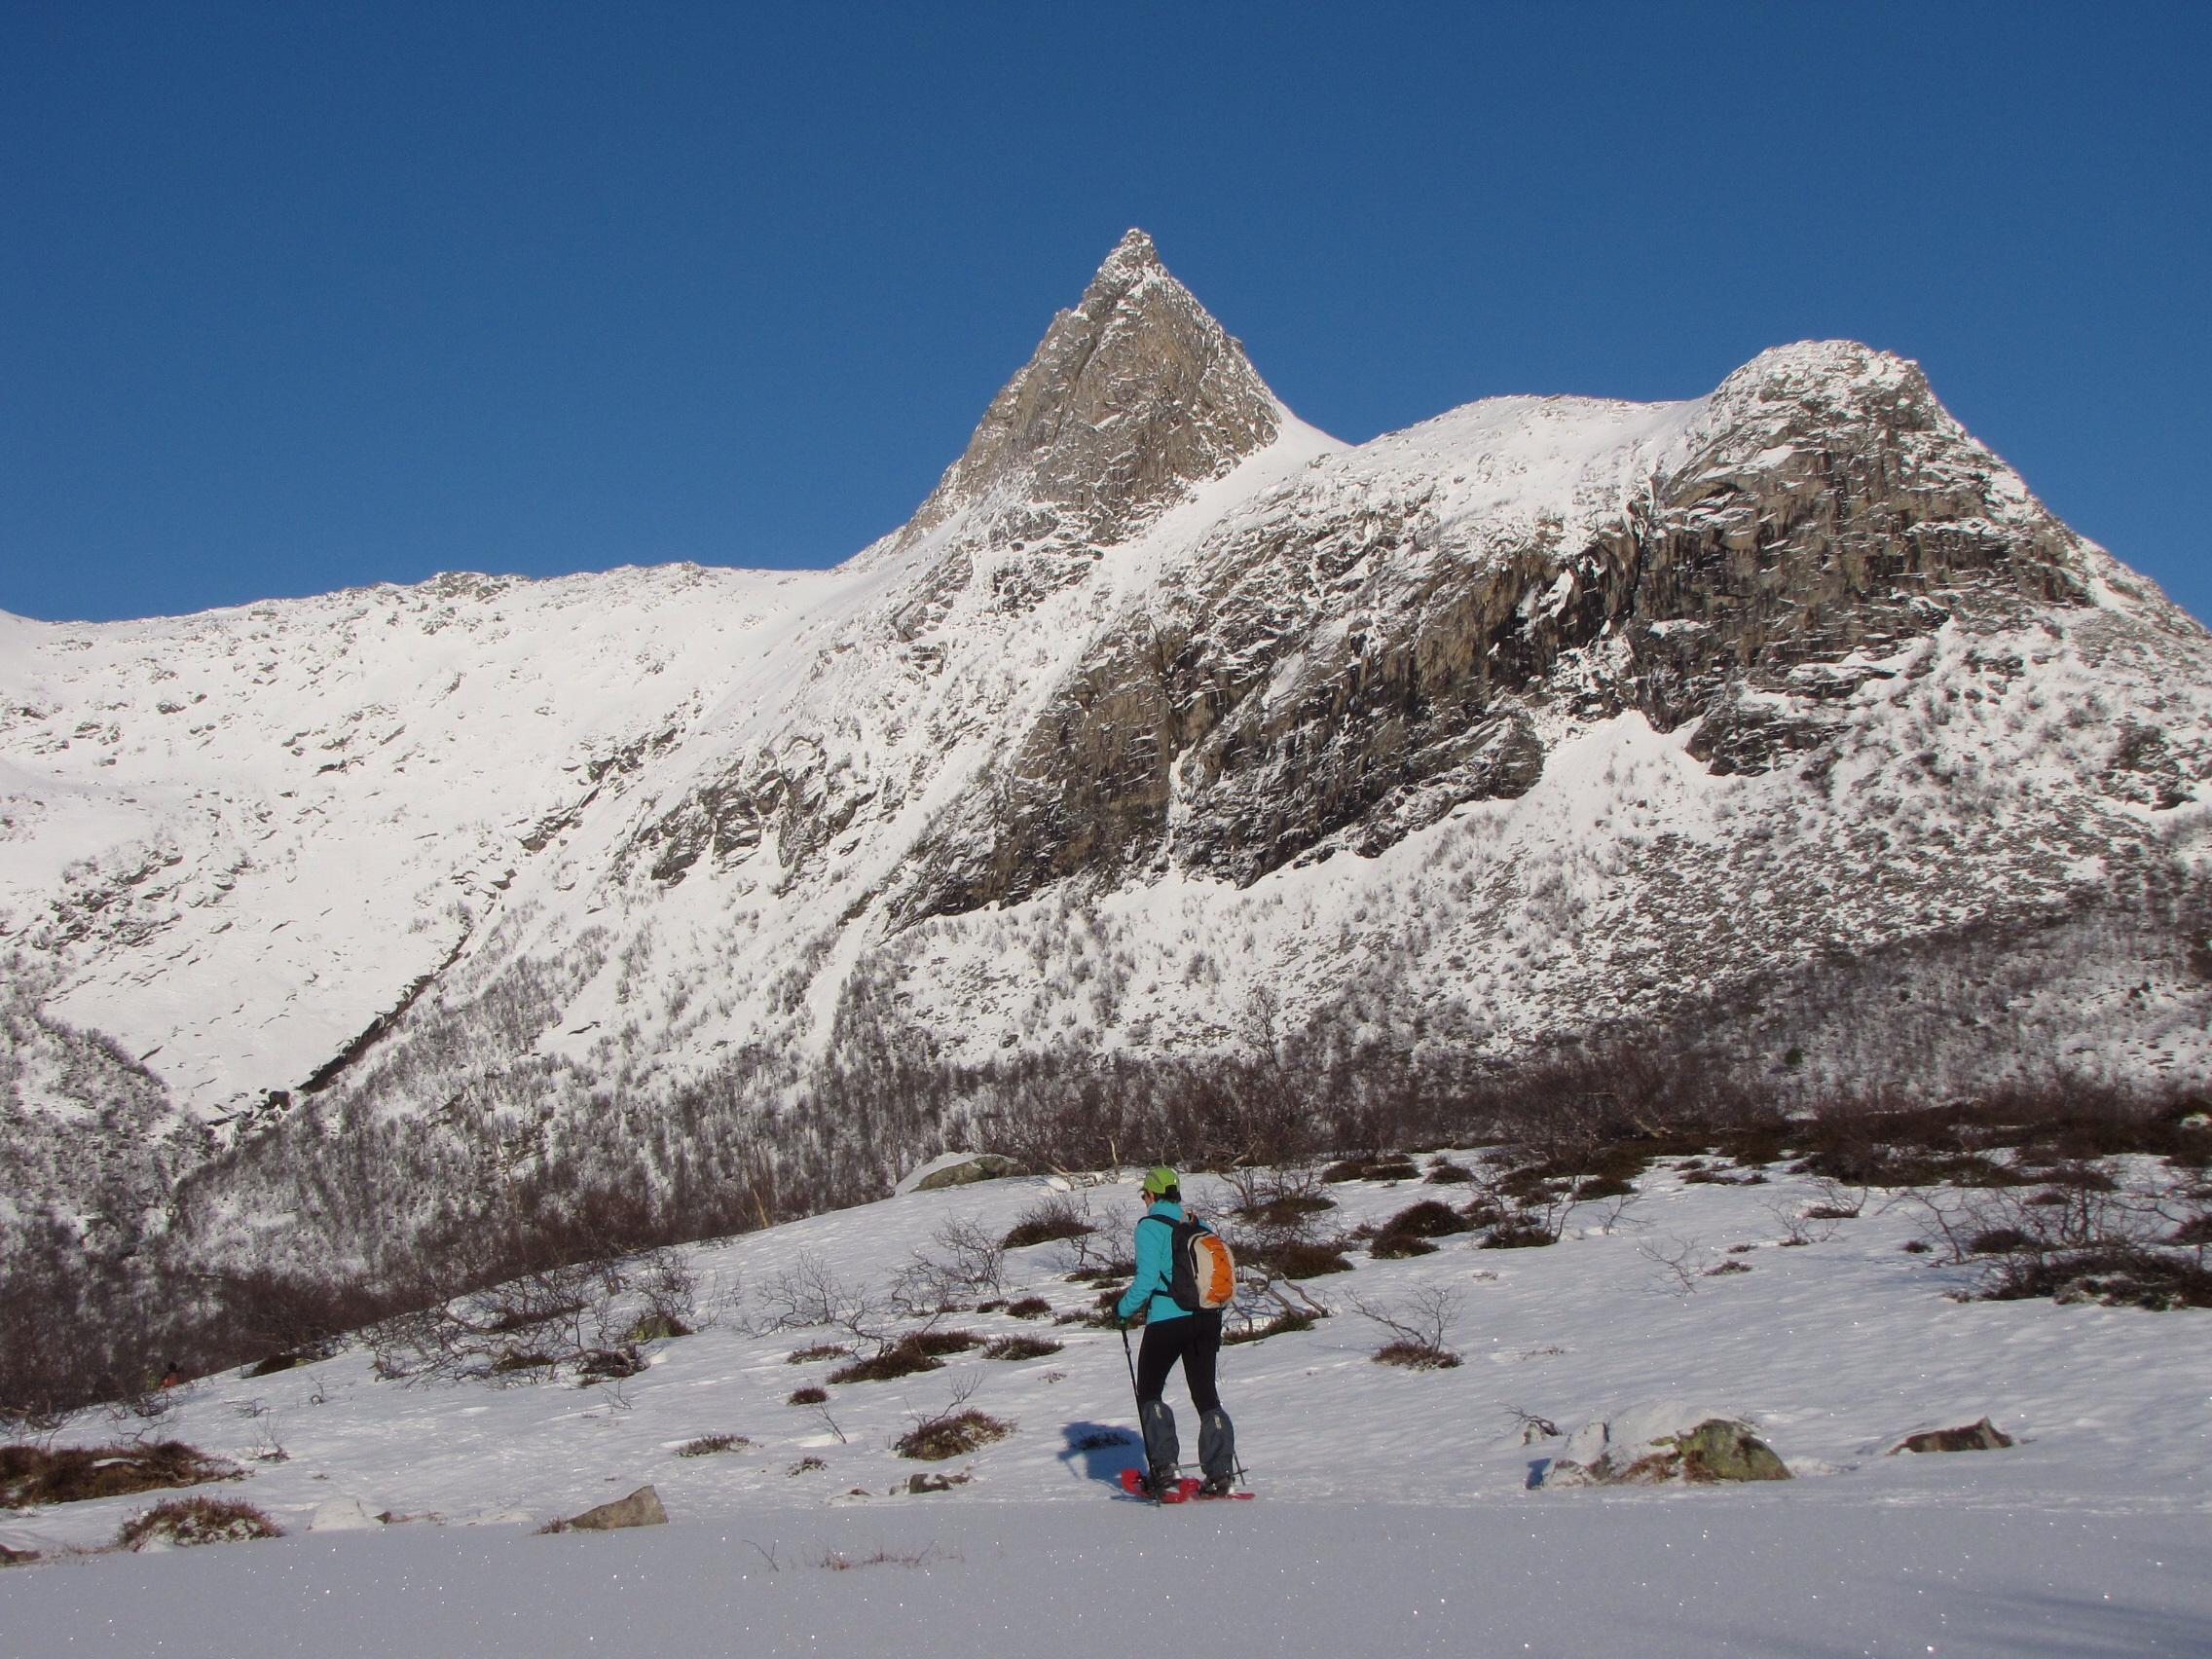 Noorwegen - Lofoten wintervakantie